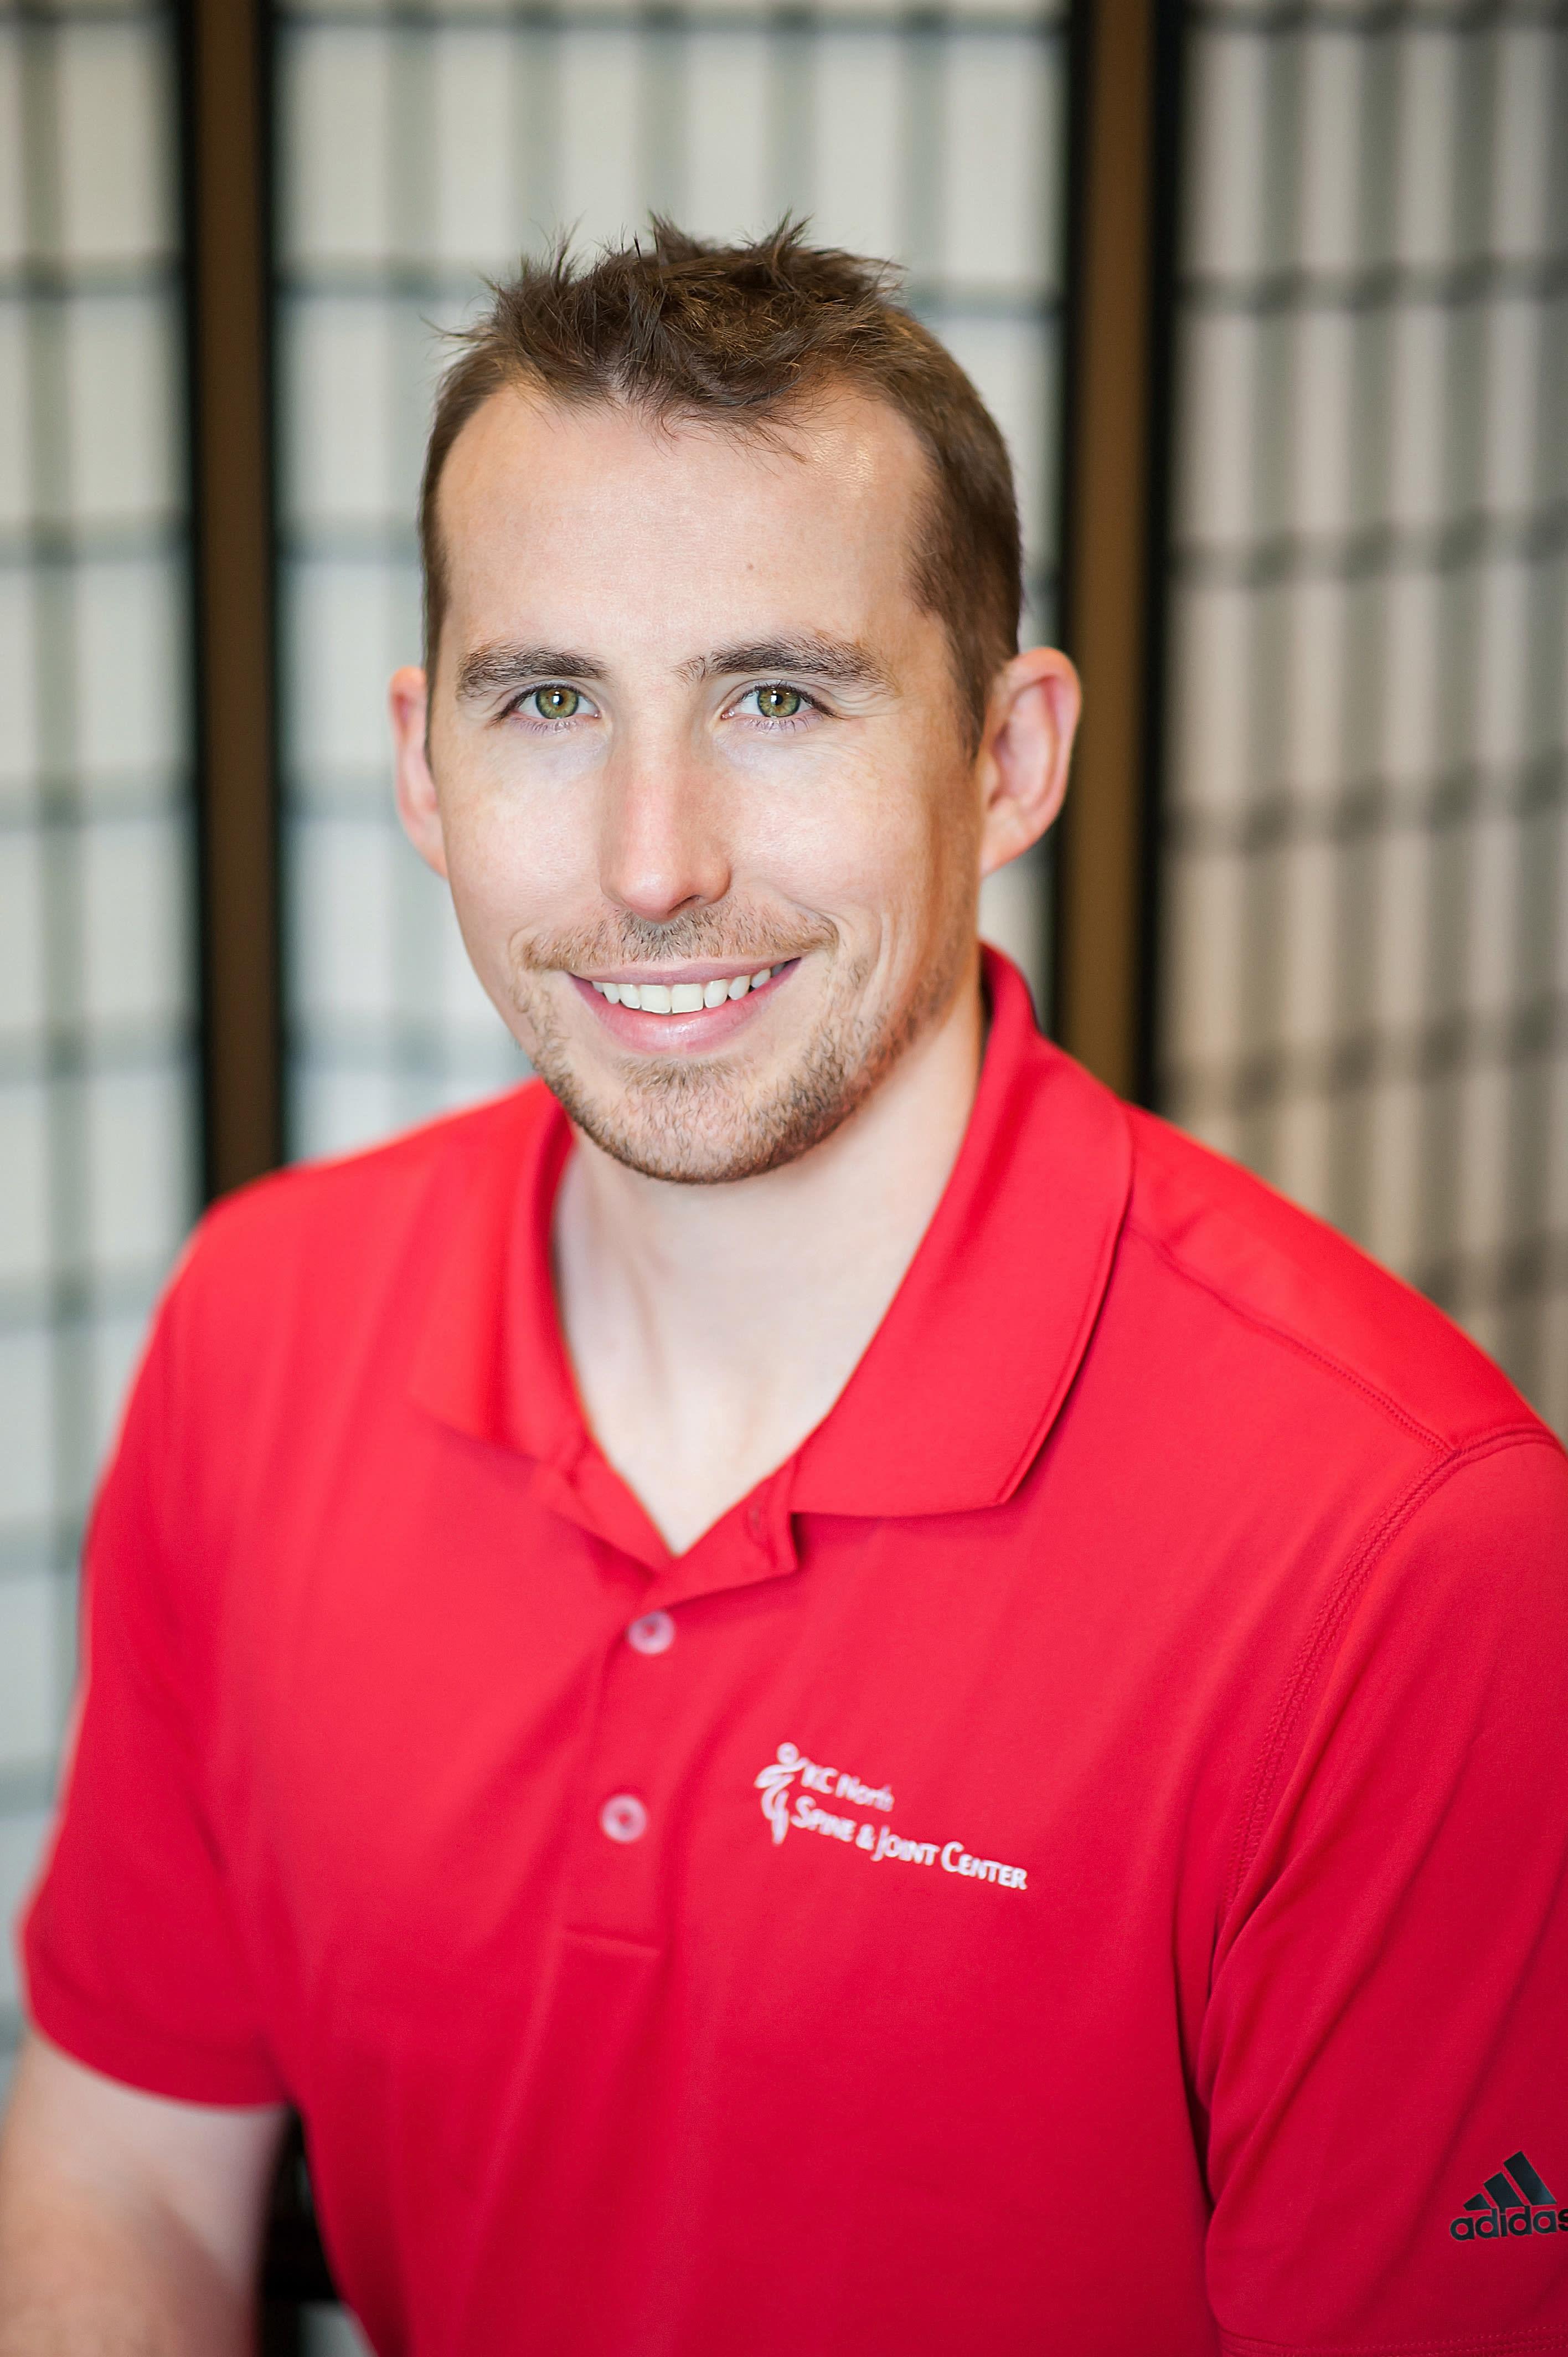 Peter Casey, DC Chiropractor